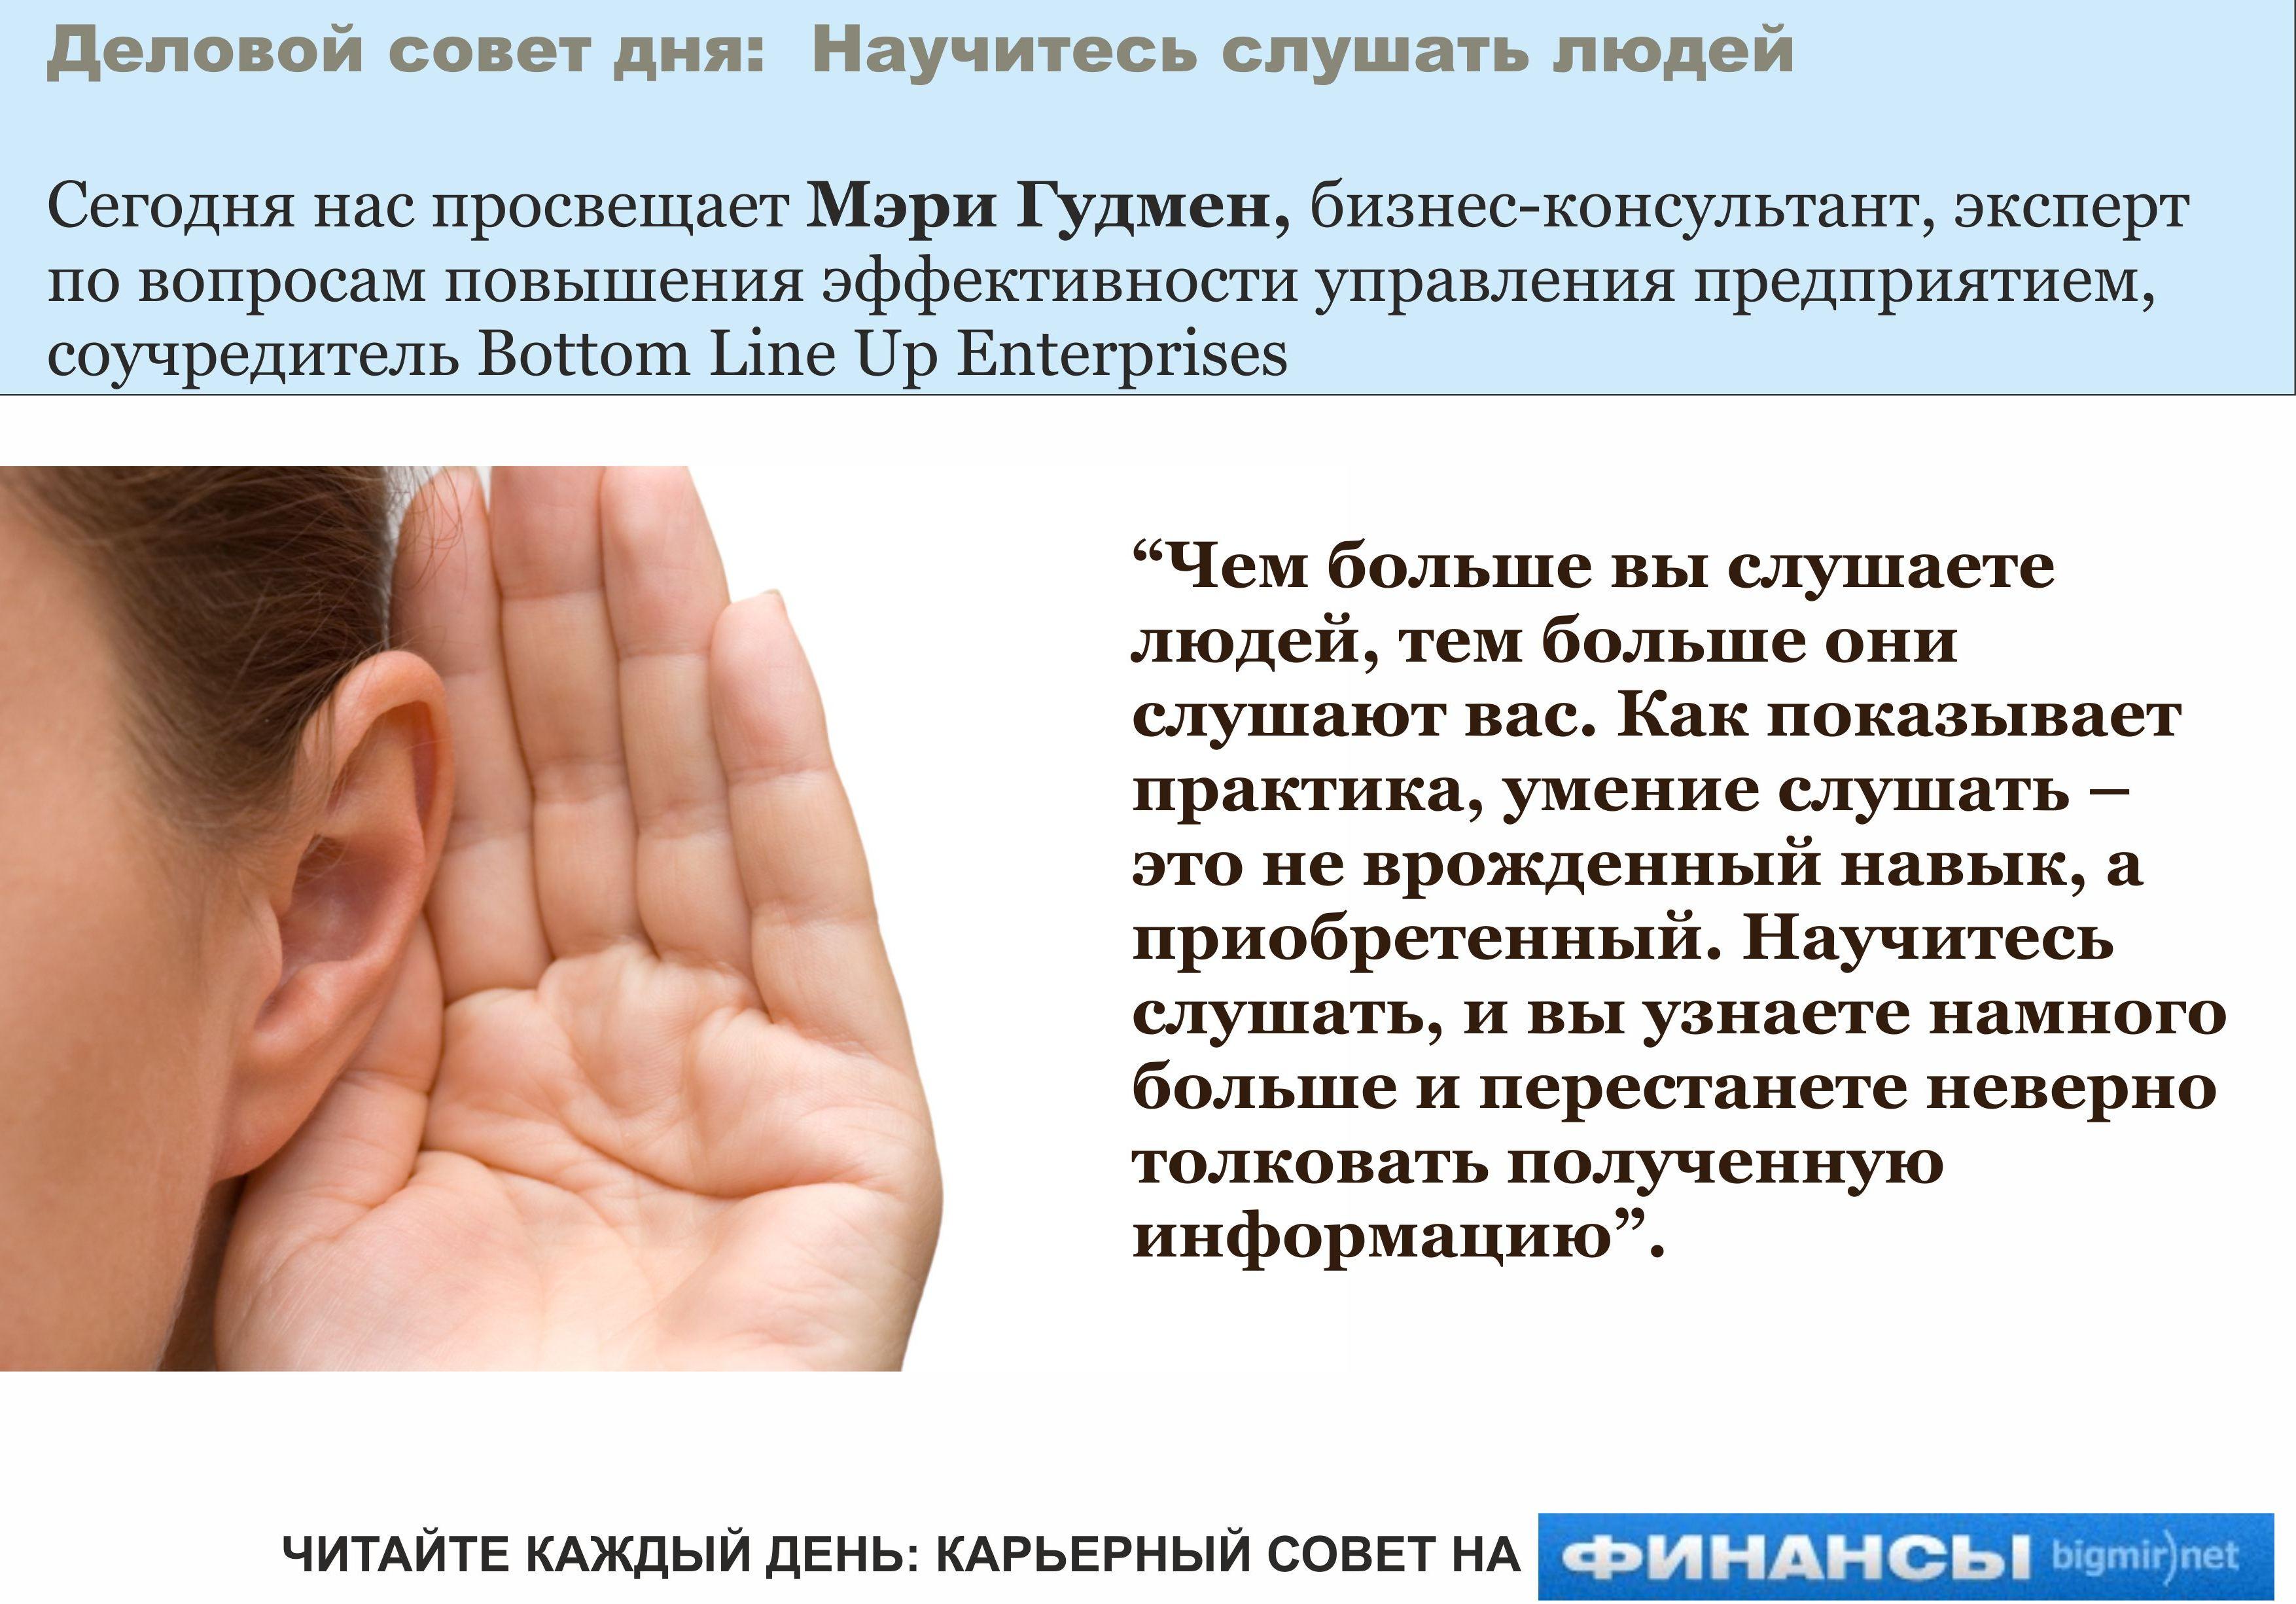 Эксперты уверяют, что 8 из 10 человек не умеют слушать собеседника